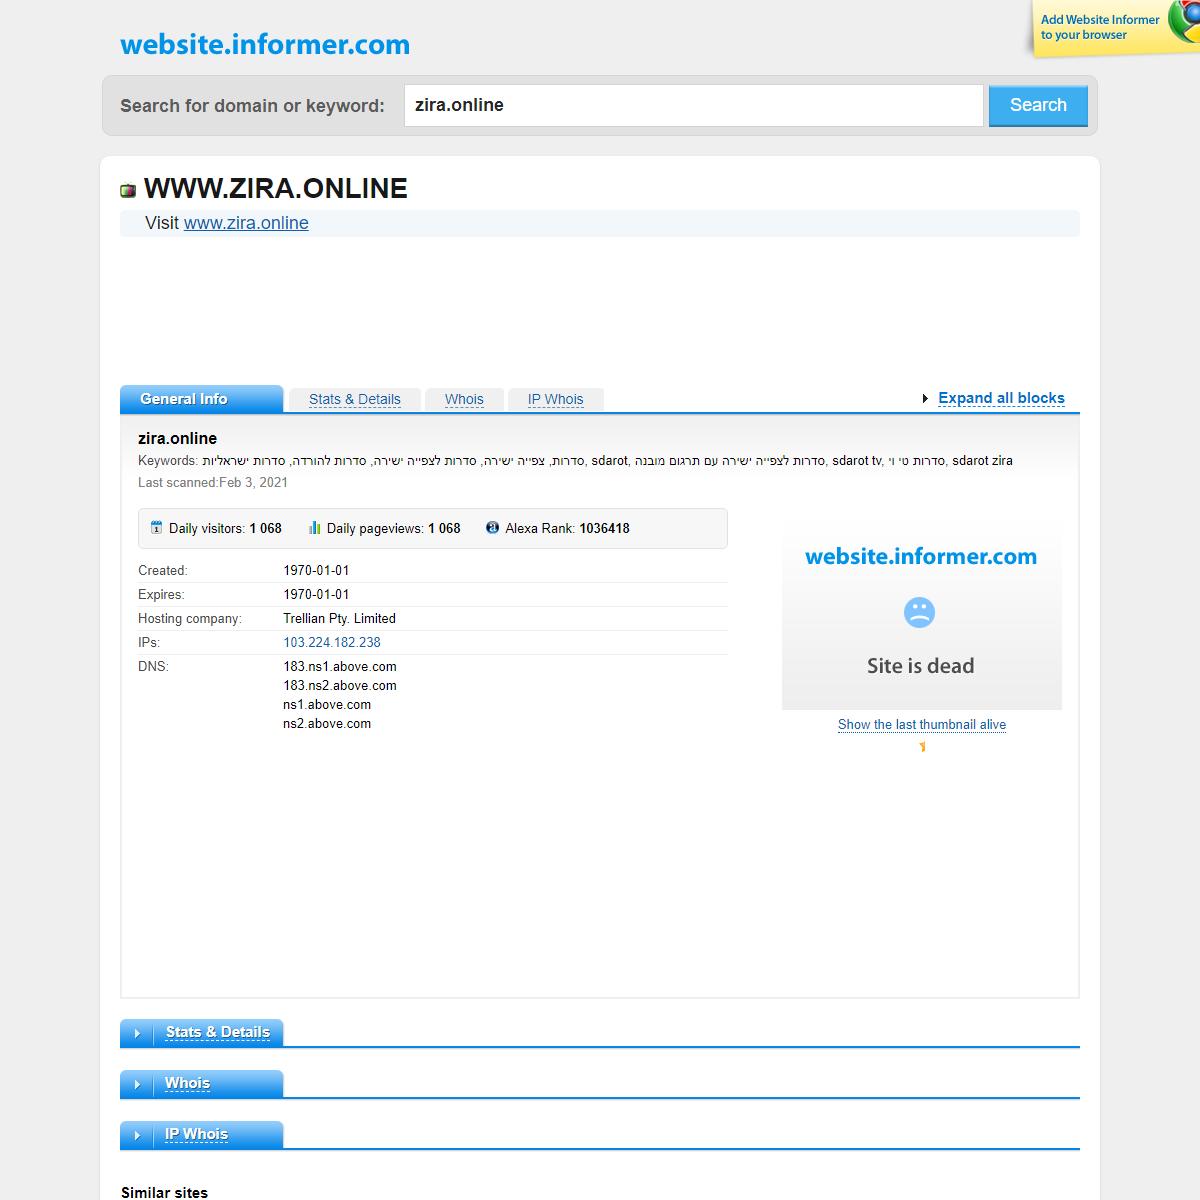 zira.online at WI. zira.online